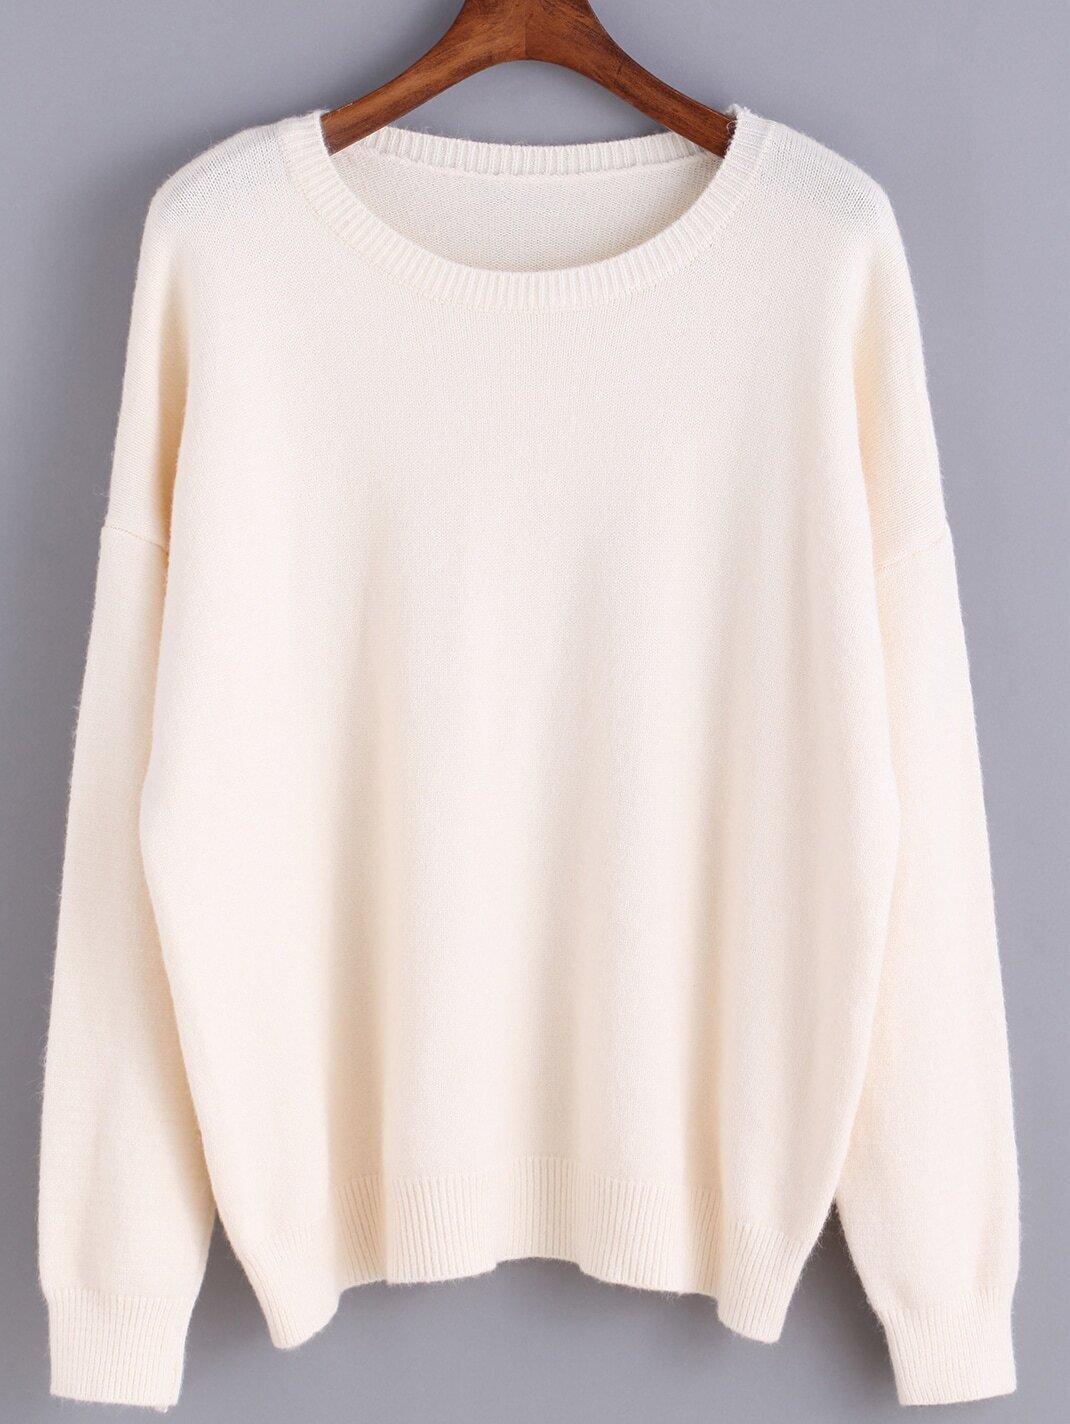 Round Neck Sweater Knitting Pattern : Round Neck Knit Beige Sweater